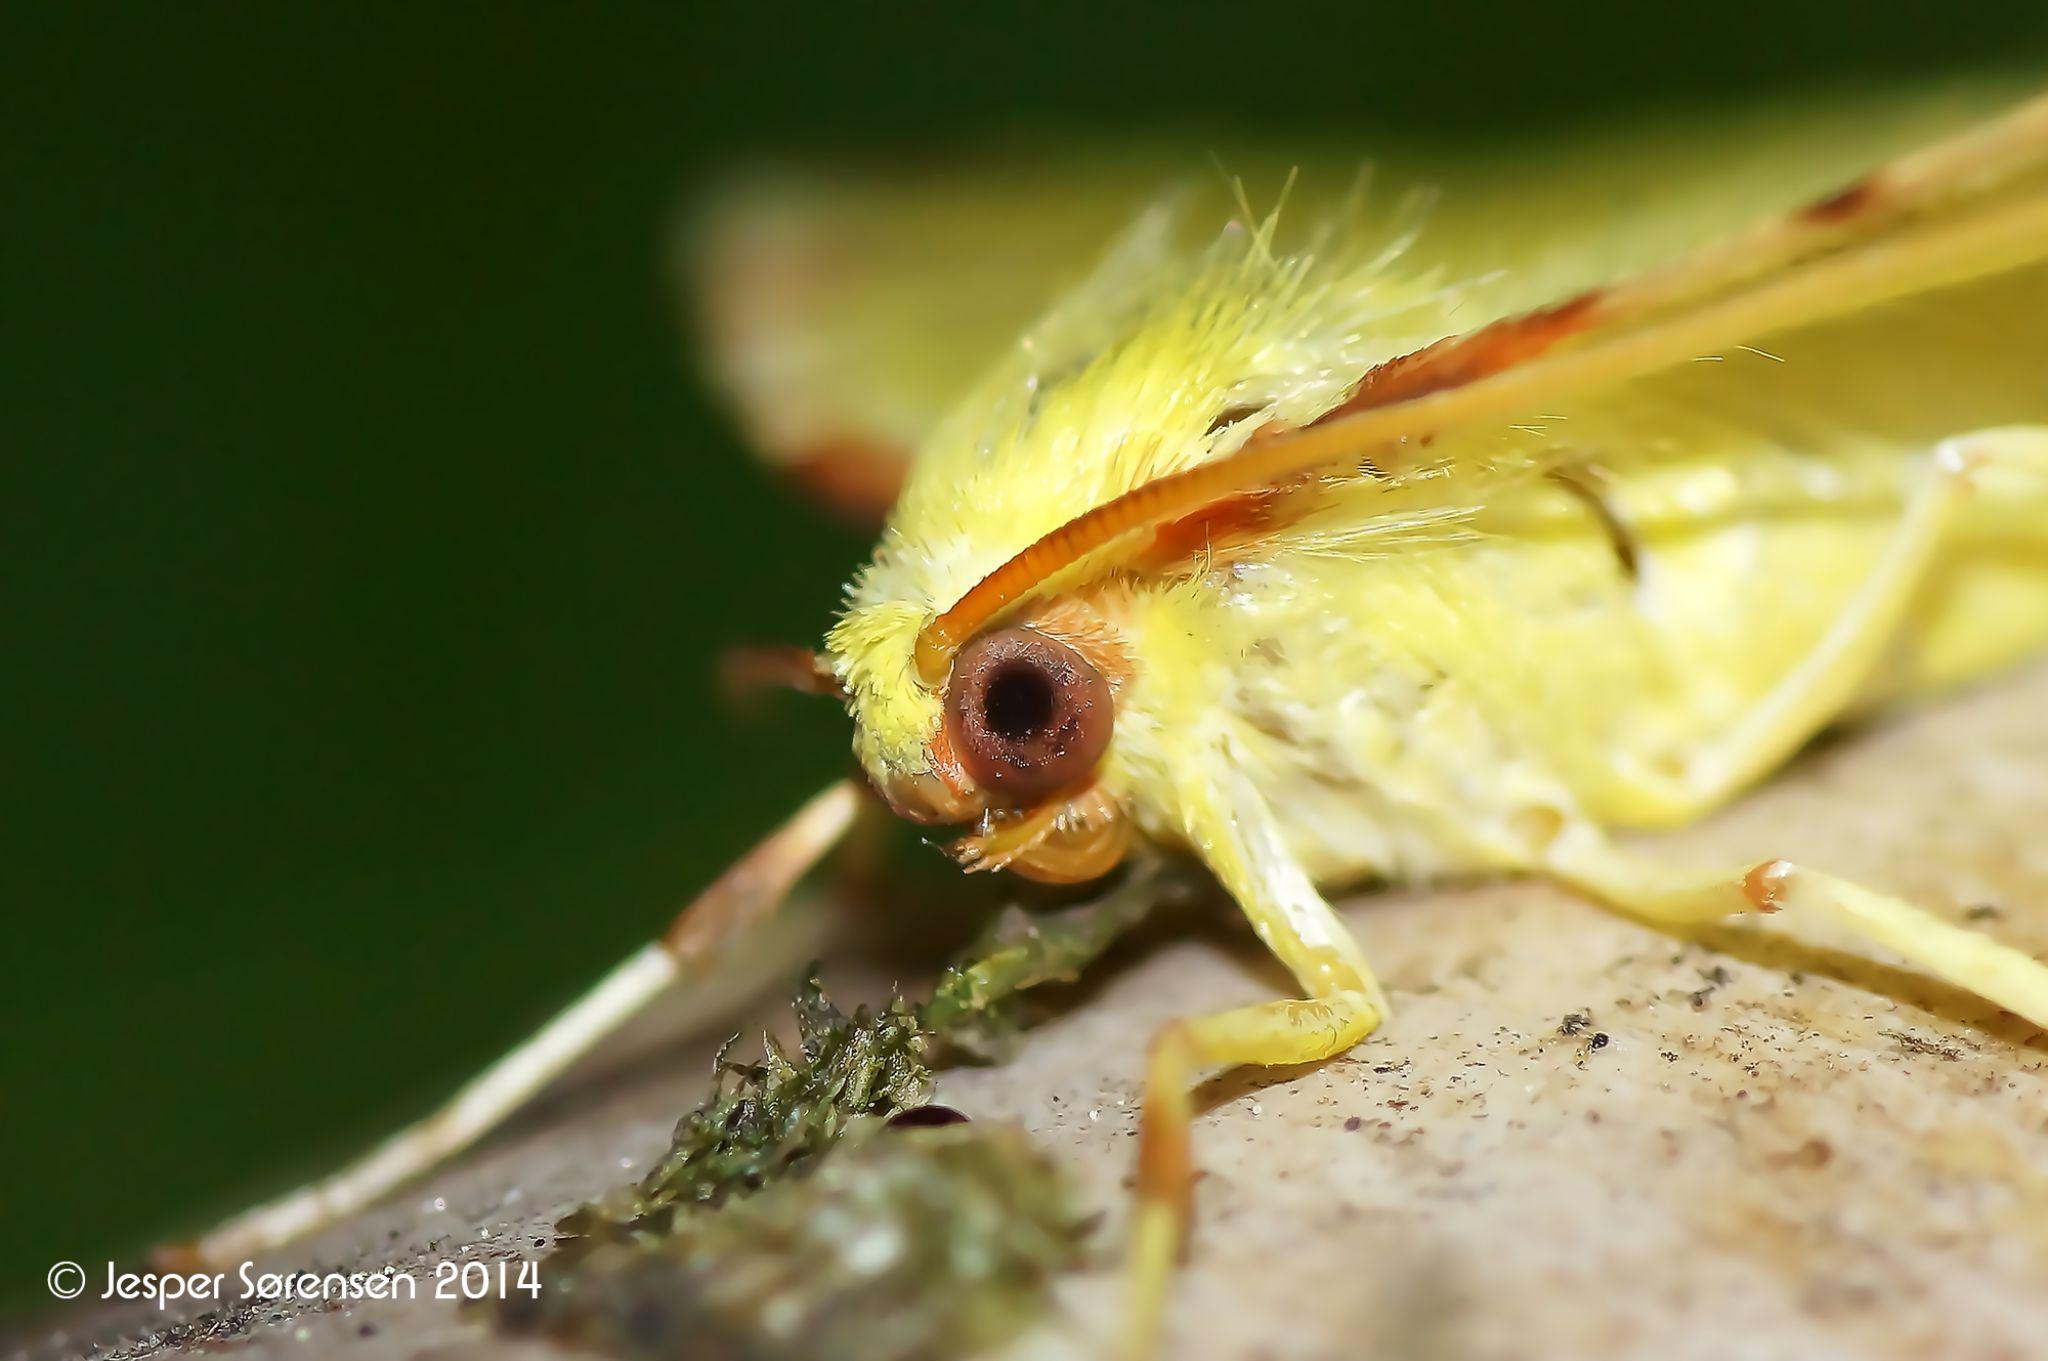 Yellow butterfly by Jesper Sorensen